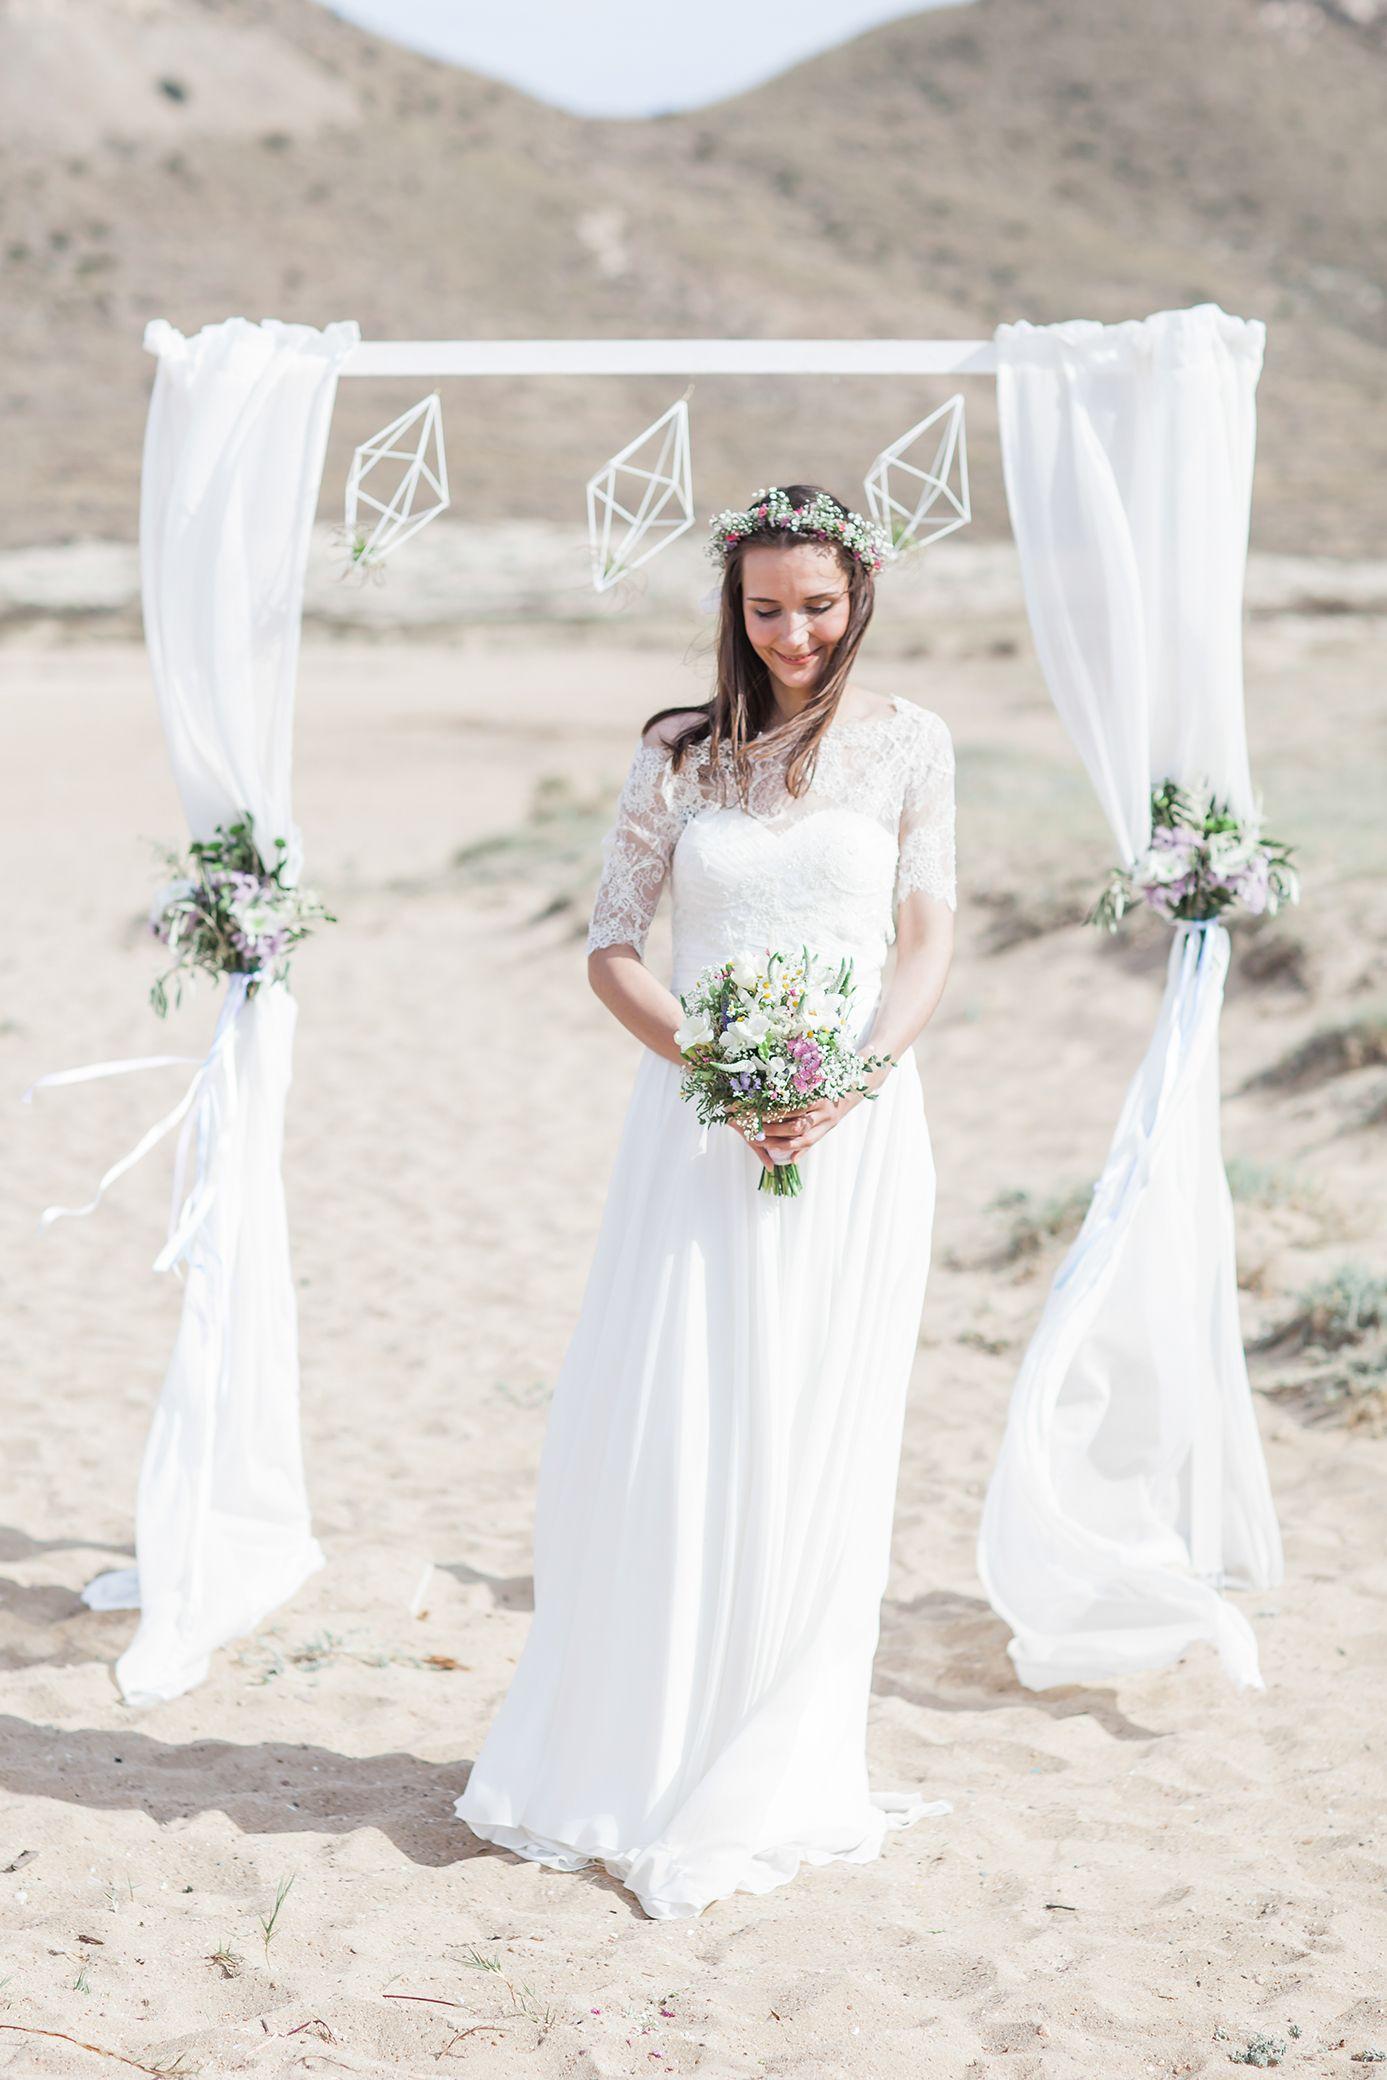 Destination Hochzeit in Spanien | Altars and Wedding